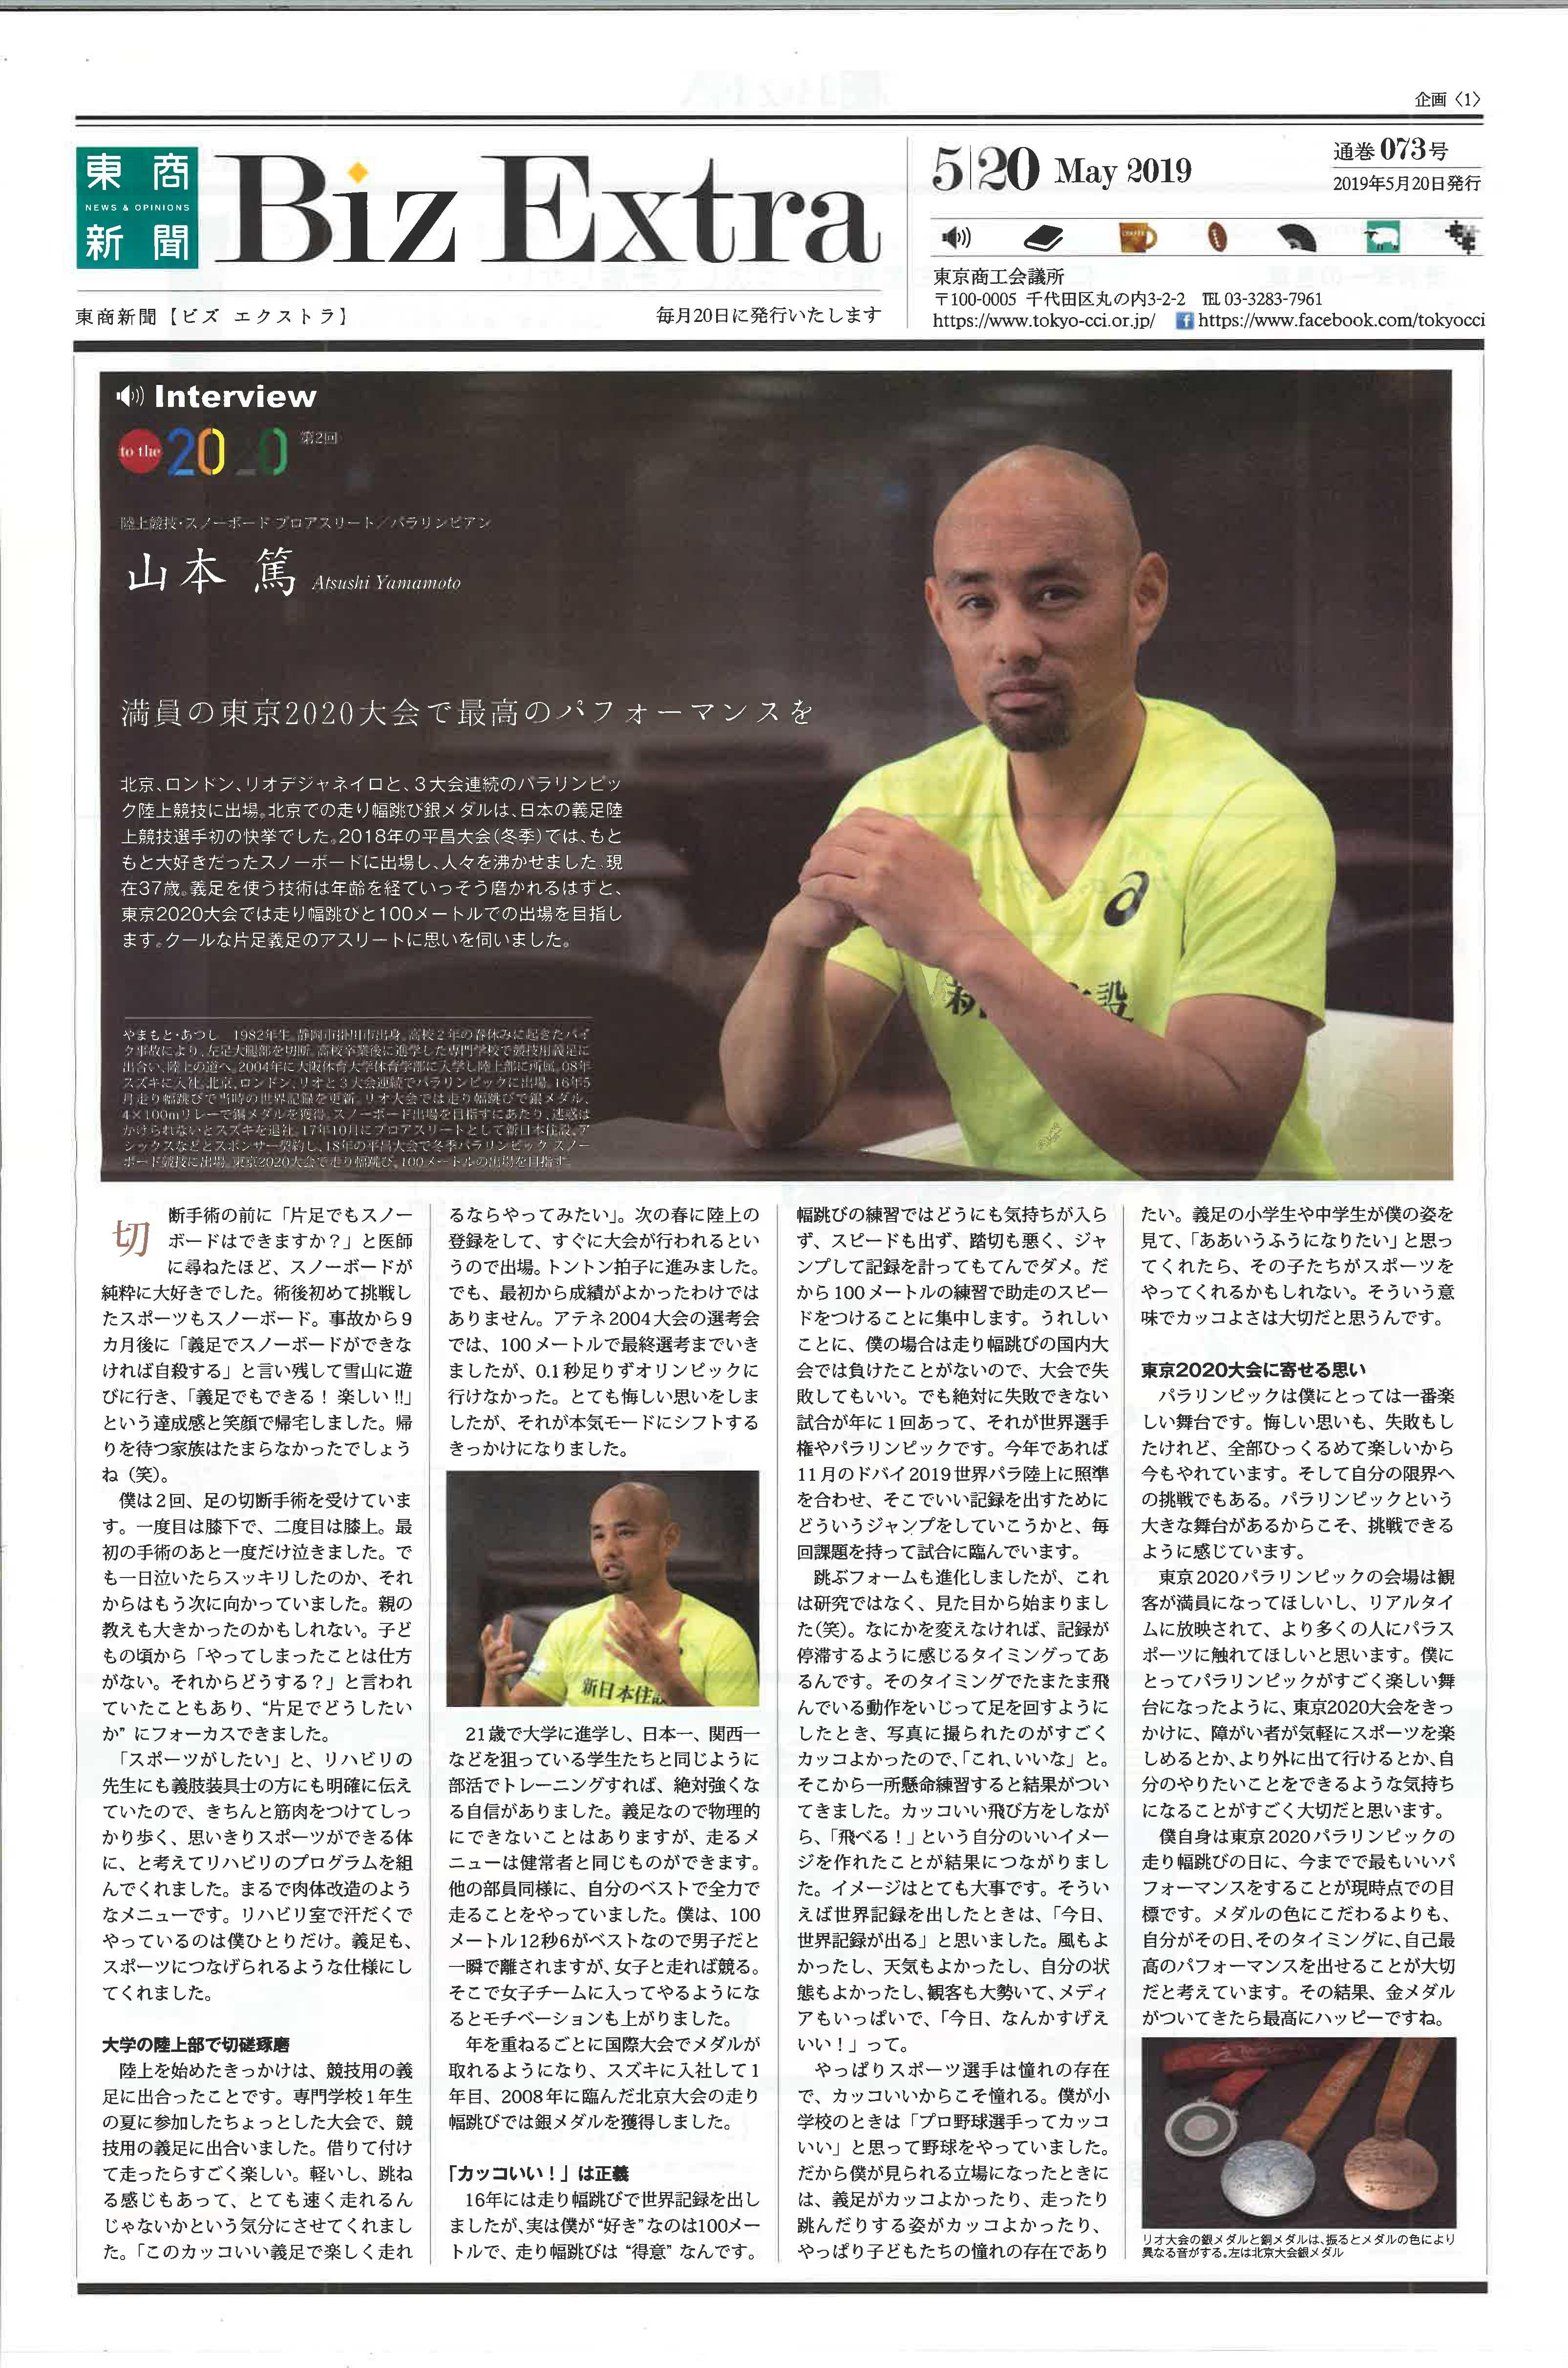 「東商新聞  Biz Extra」May 2019 通巻073号